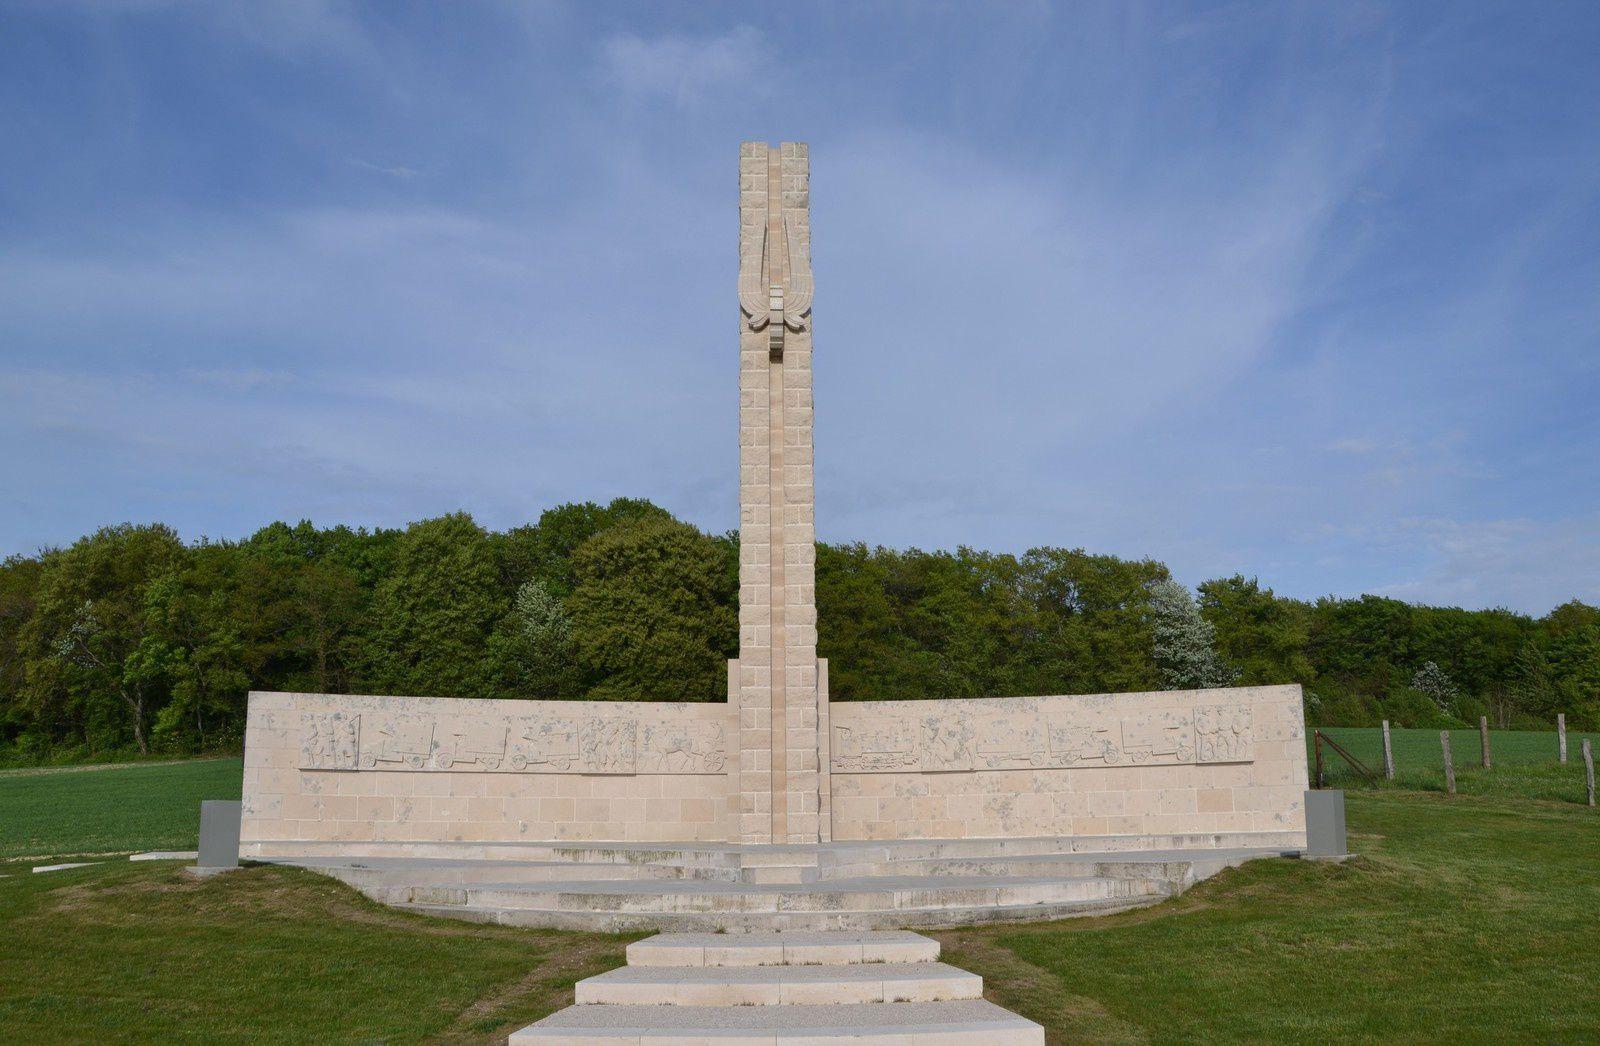 Le monument de la Voie Sacrée sur la route de Bar-le-Duc, à 9 km de Verdun